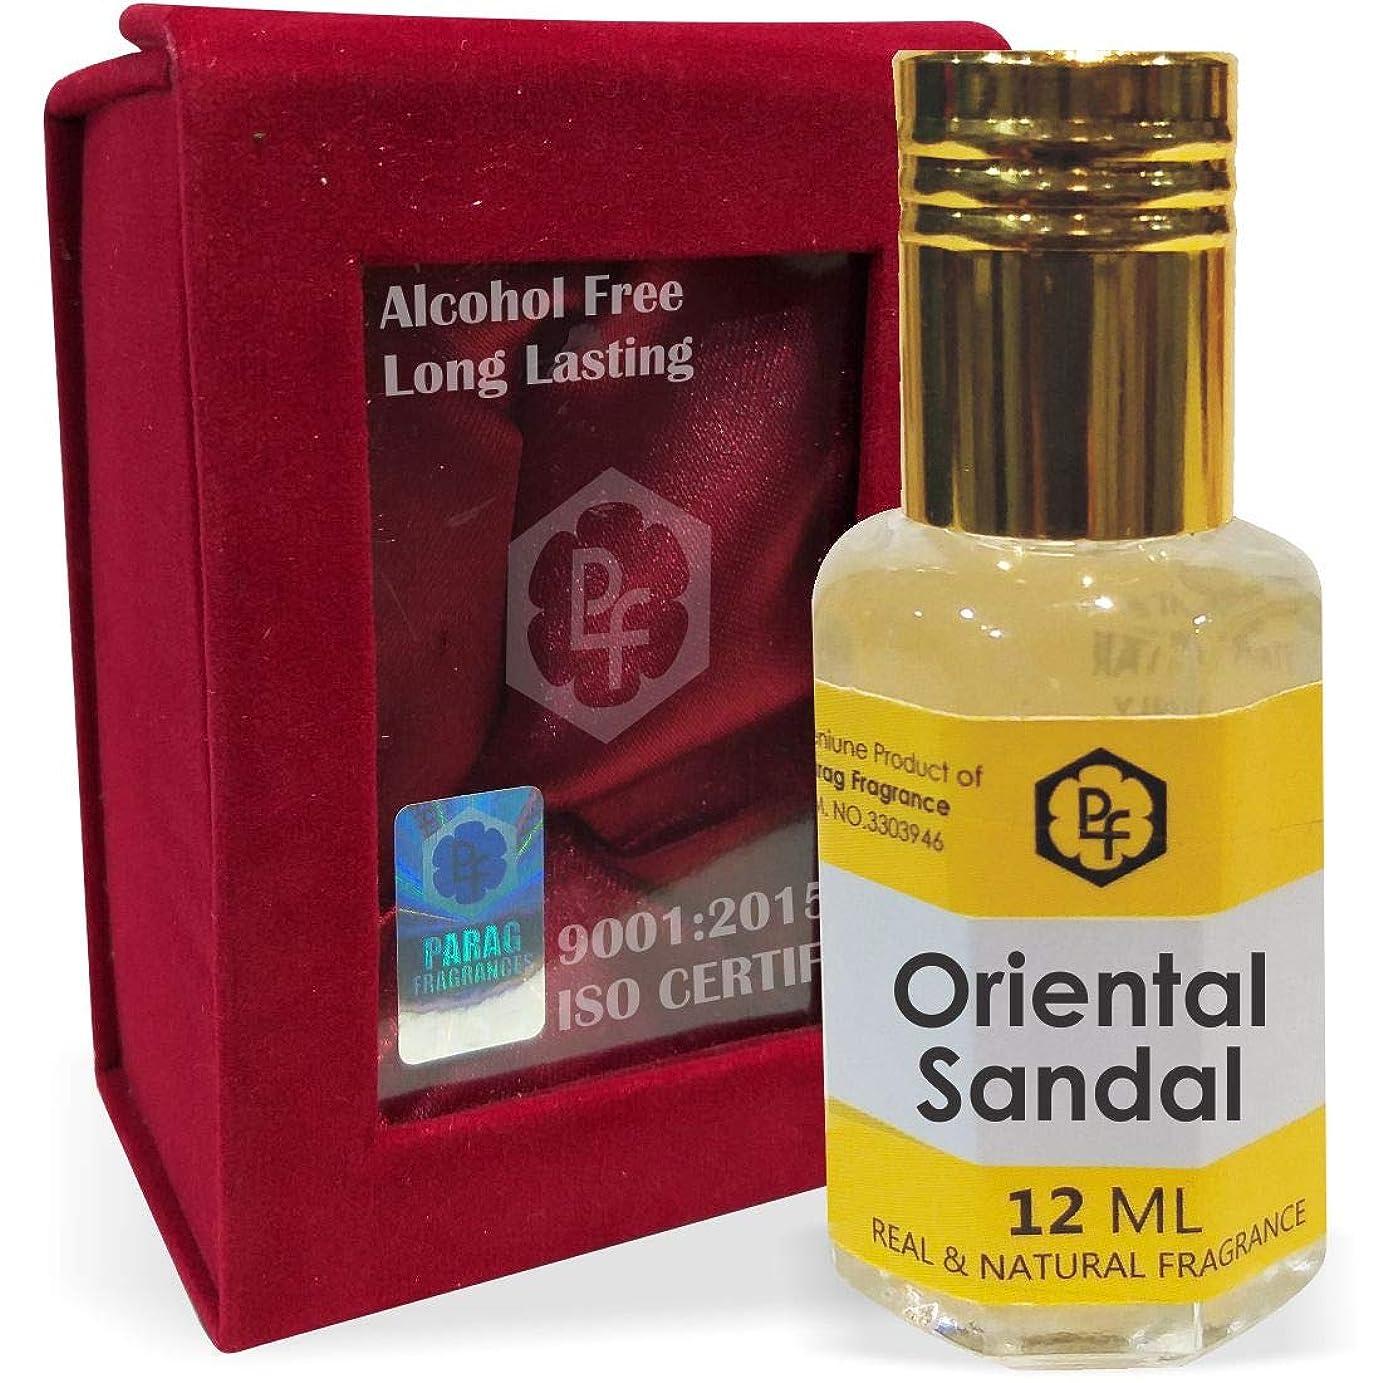 返済開発するラッシュParagフレグランスオリエンタル手作りベルベットボックス付サンダル12ミリリットルアター/香水(インドの伝統的なBhapka処理方法により、インド製)オイル/フレグランスオイル 長持ちアターITRA最高の品質